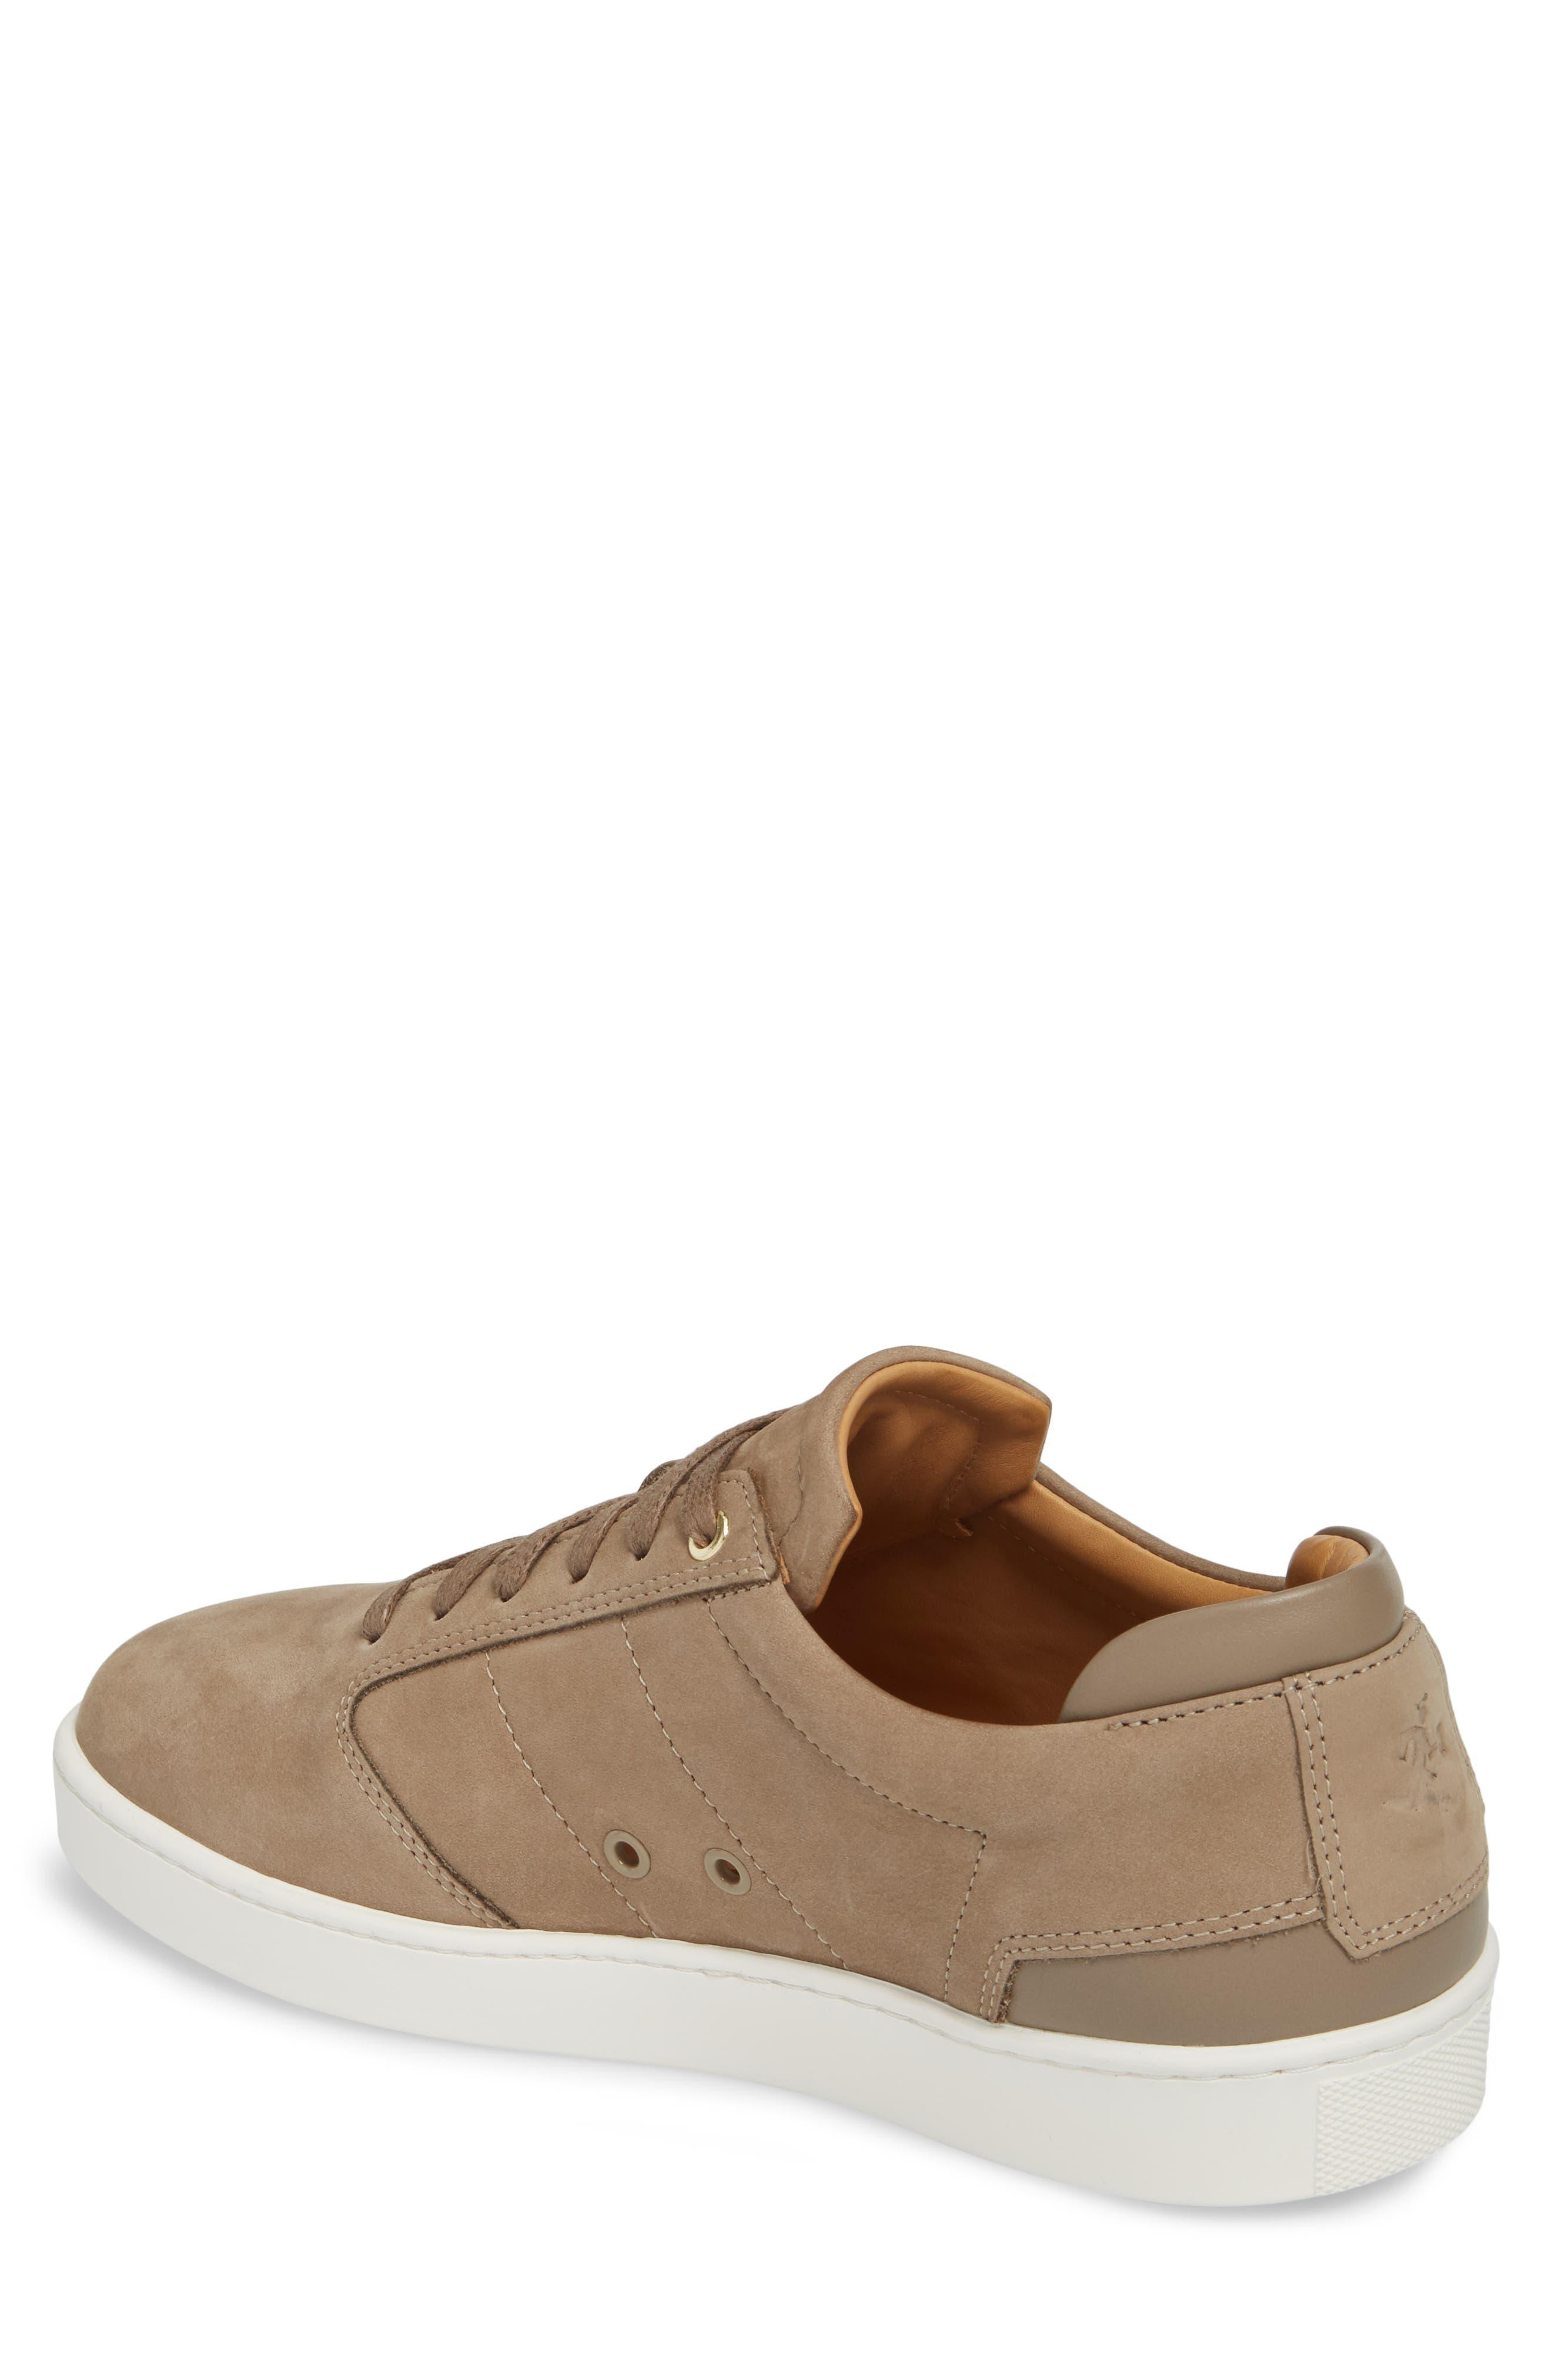 Lennon Sneaker,                             Alternate thumbnail 2, color,                             205